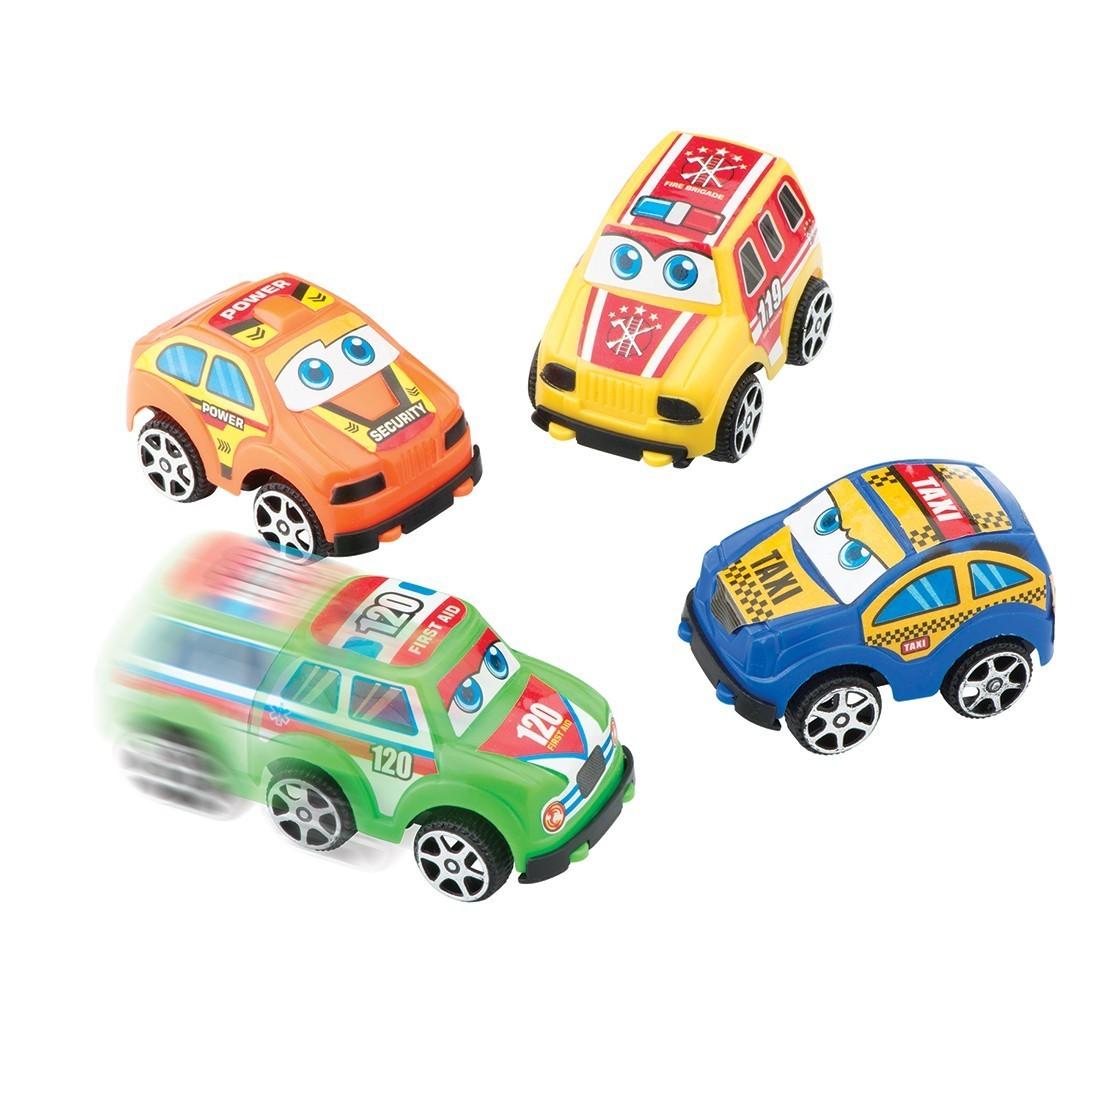 City Street Pullback Cars  [image]